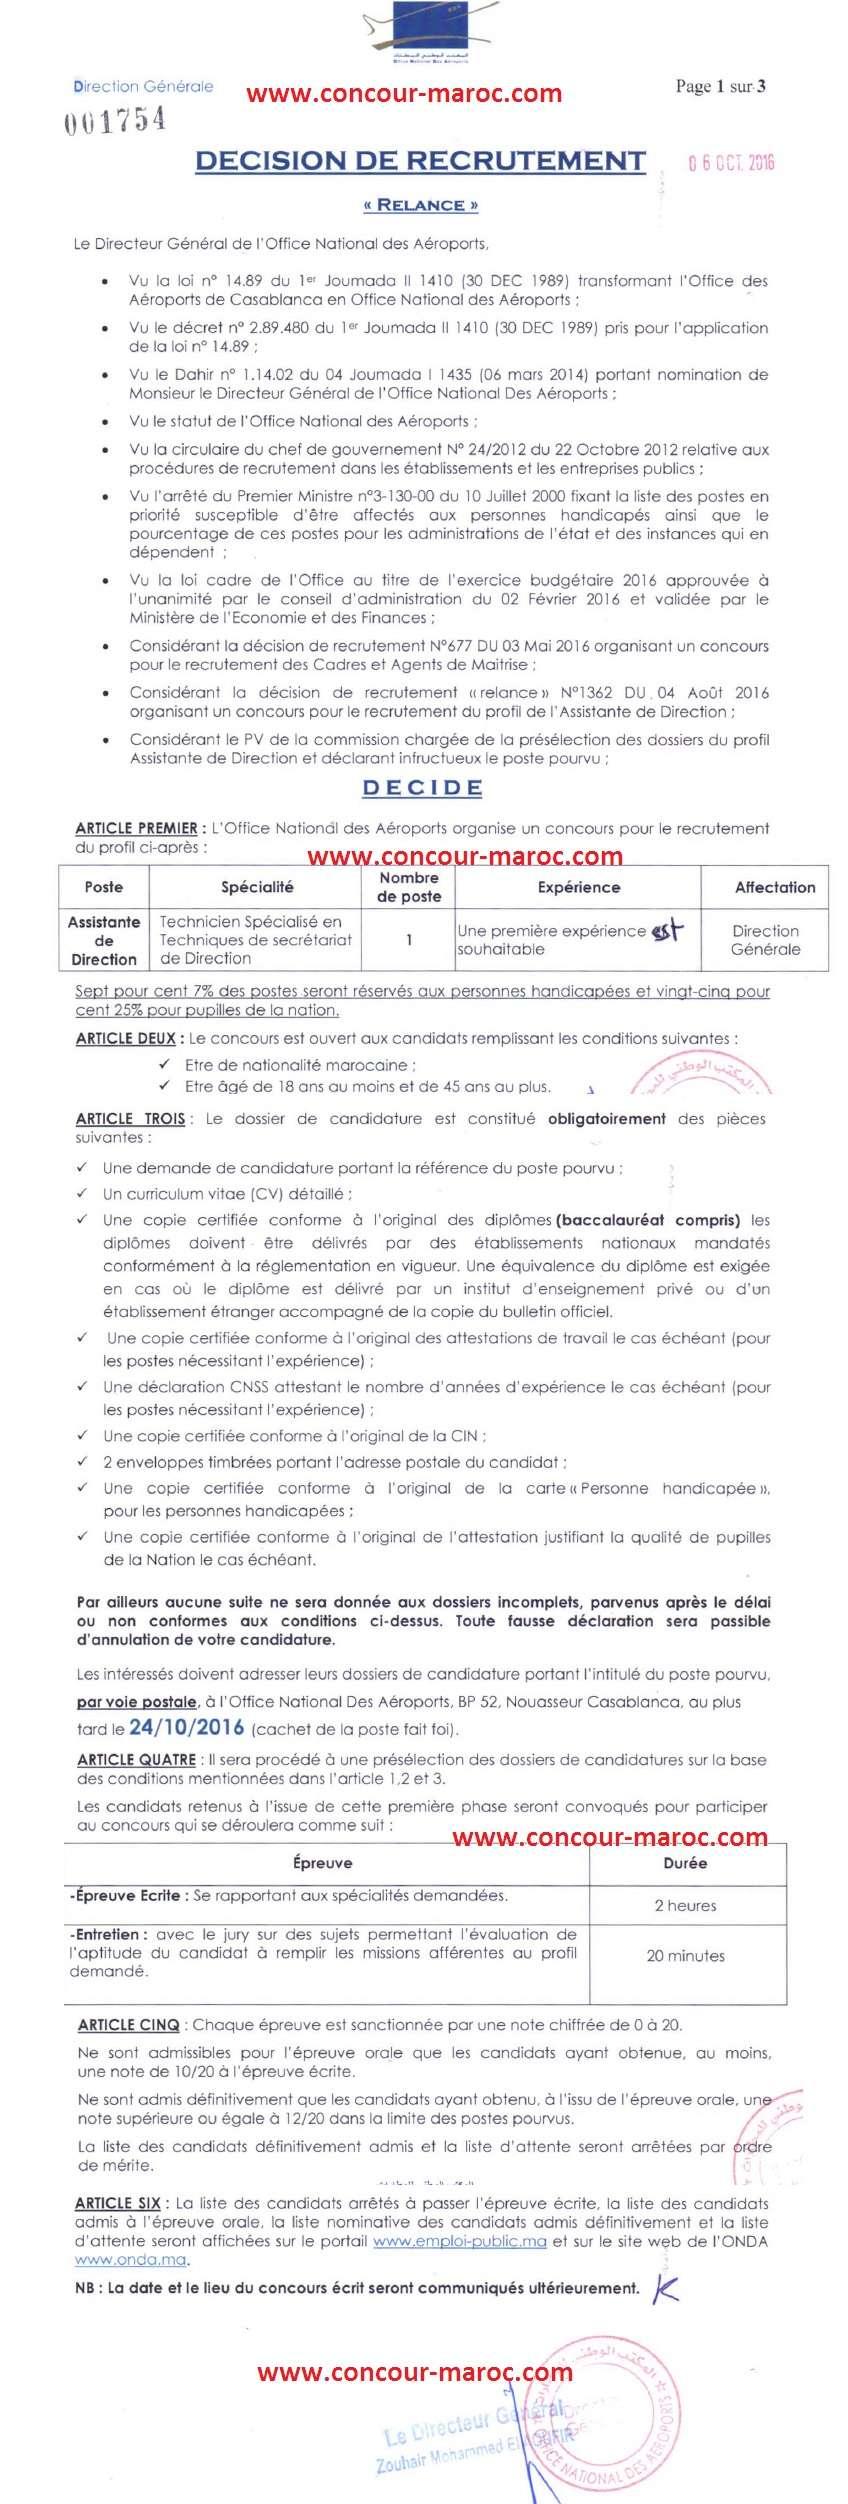 المكتب الوطني للمطارات : مباراة لتوظيف كاتبة إدارة (1 منصب) آخر أجل لإيداع الترشيحات 24 اكتوبر 2016  Conn13